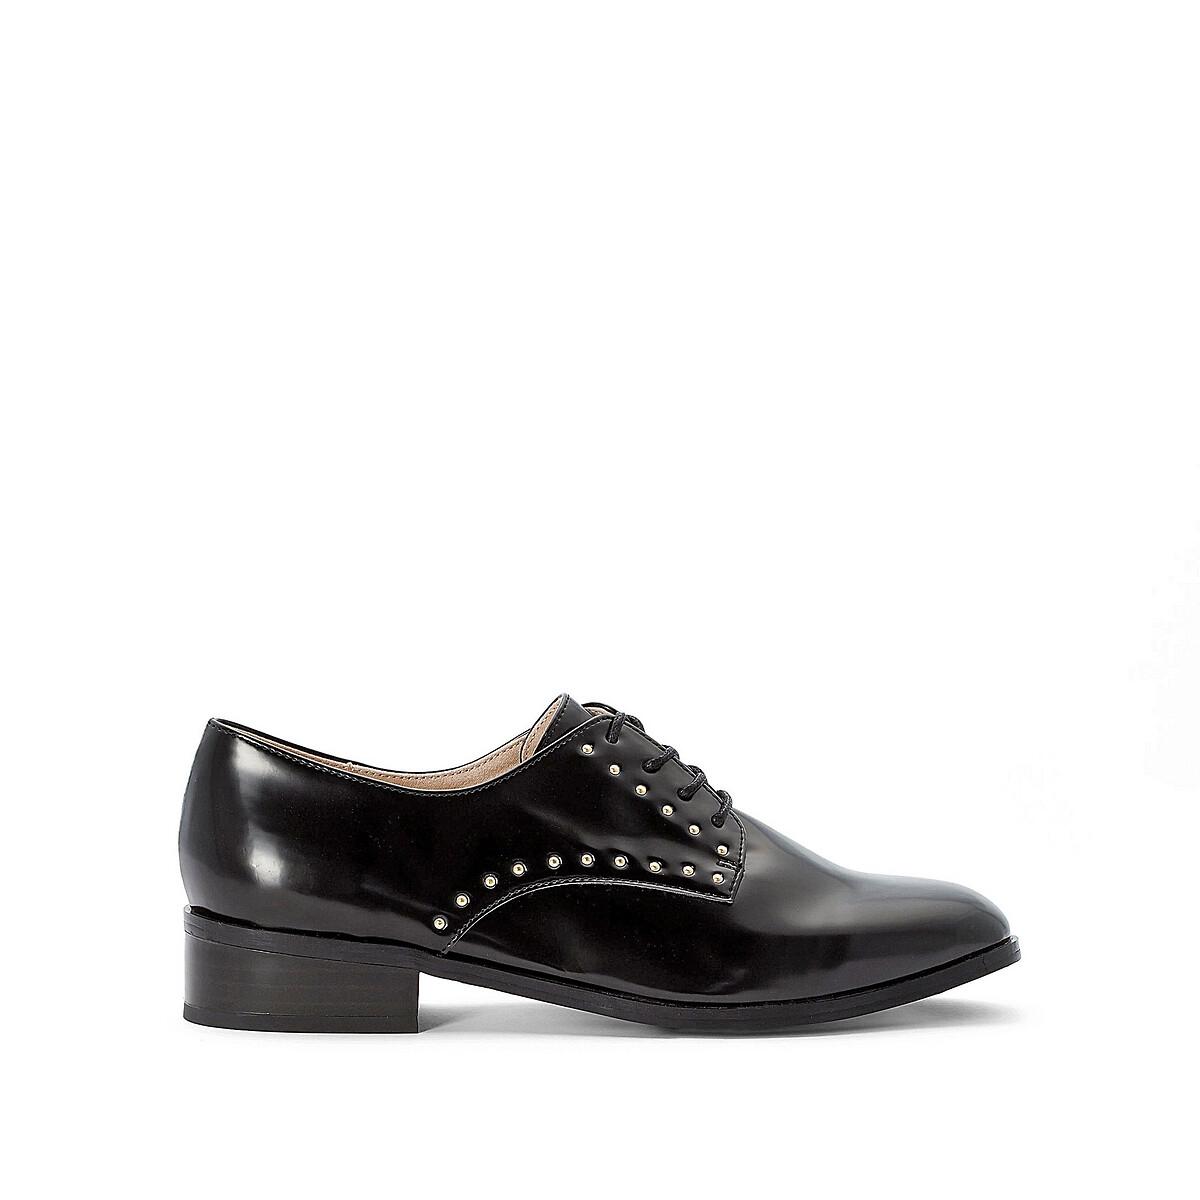 Ботинки-дерби La Redoute 36 черный